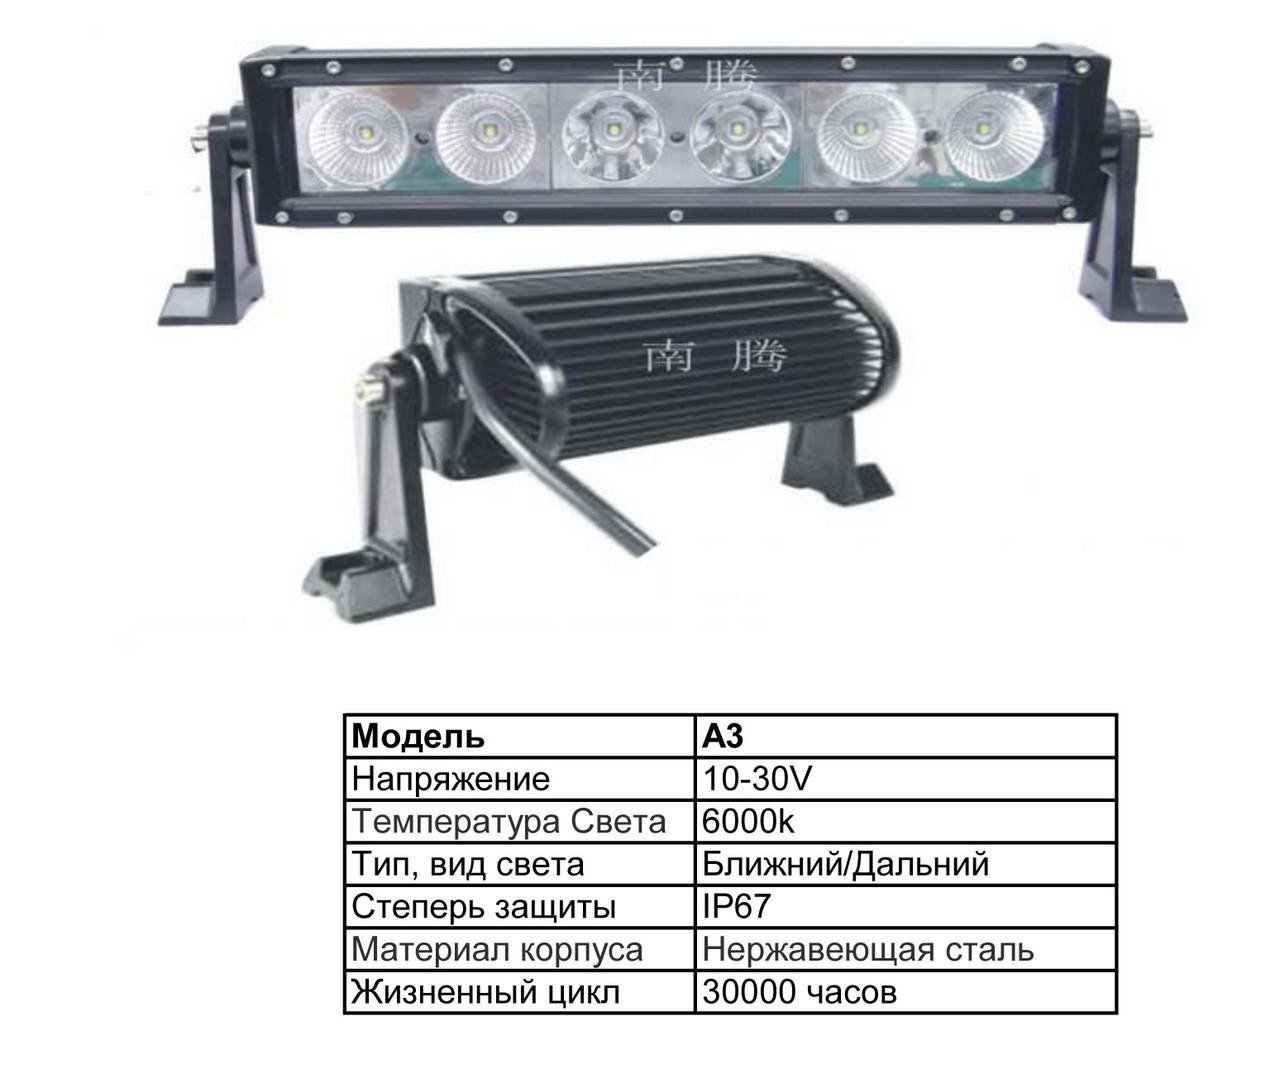 Дополнительные светодиодные фары дальнего света  А3-200W